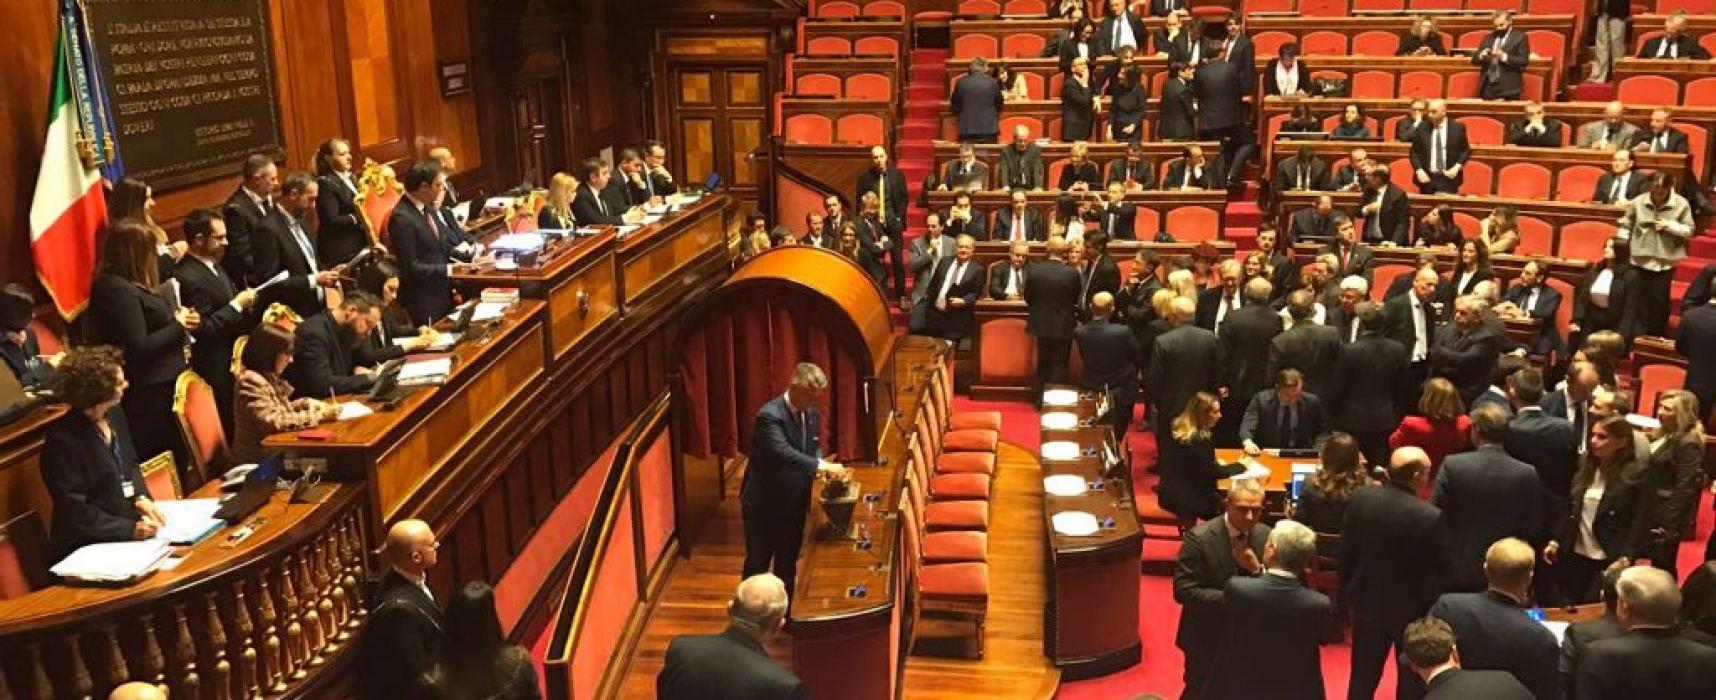 Senato: primo giorno per Mallegni (FI), a Palazzo Madama